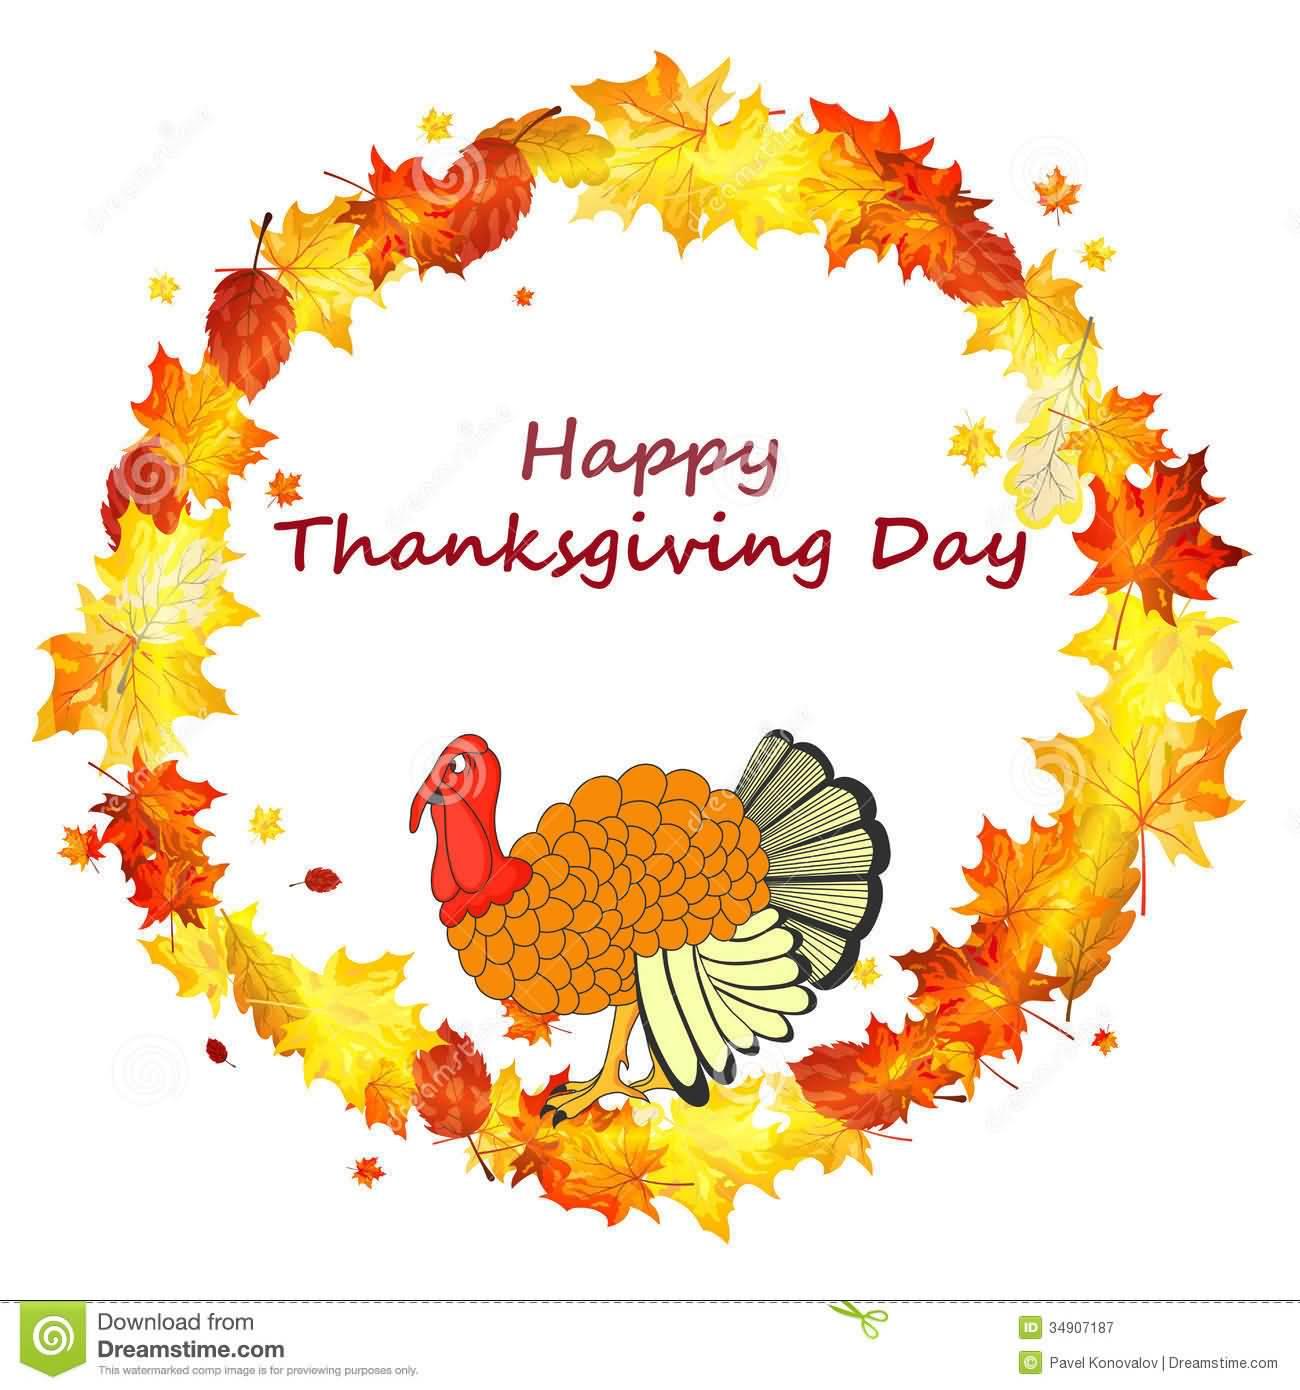 Happy Thanksgiving Day Turkey Illustration